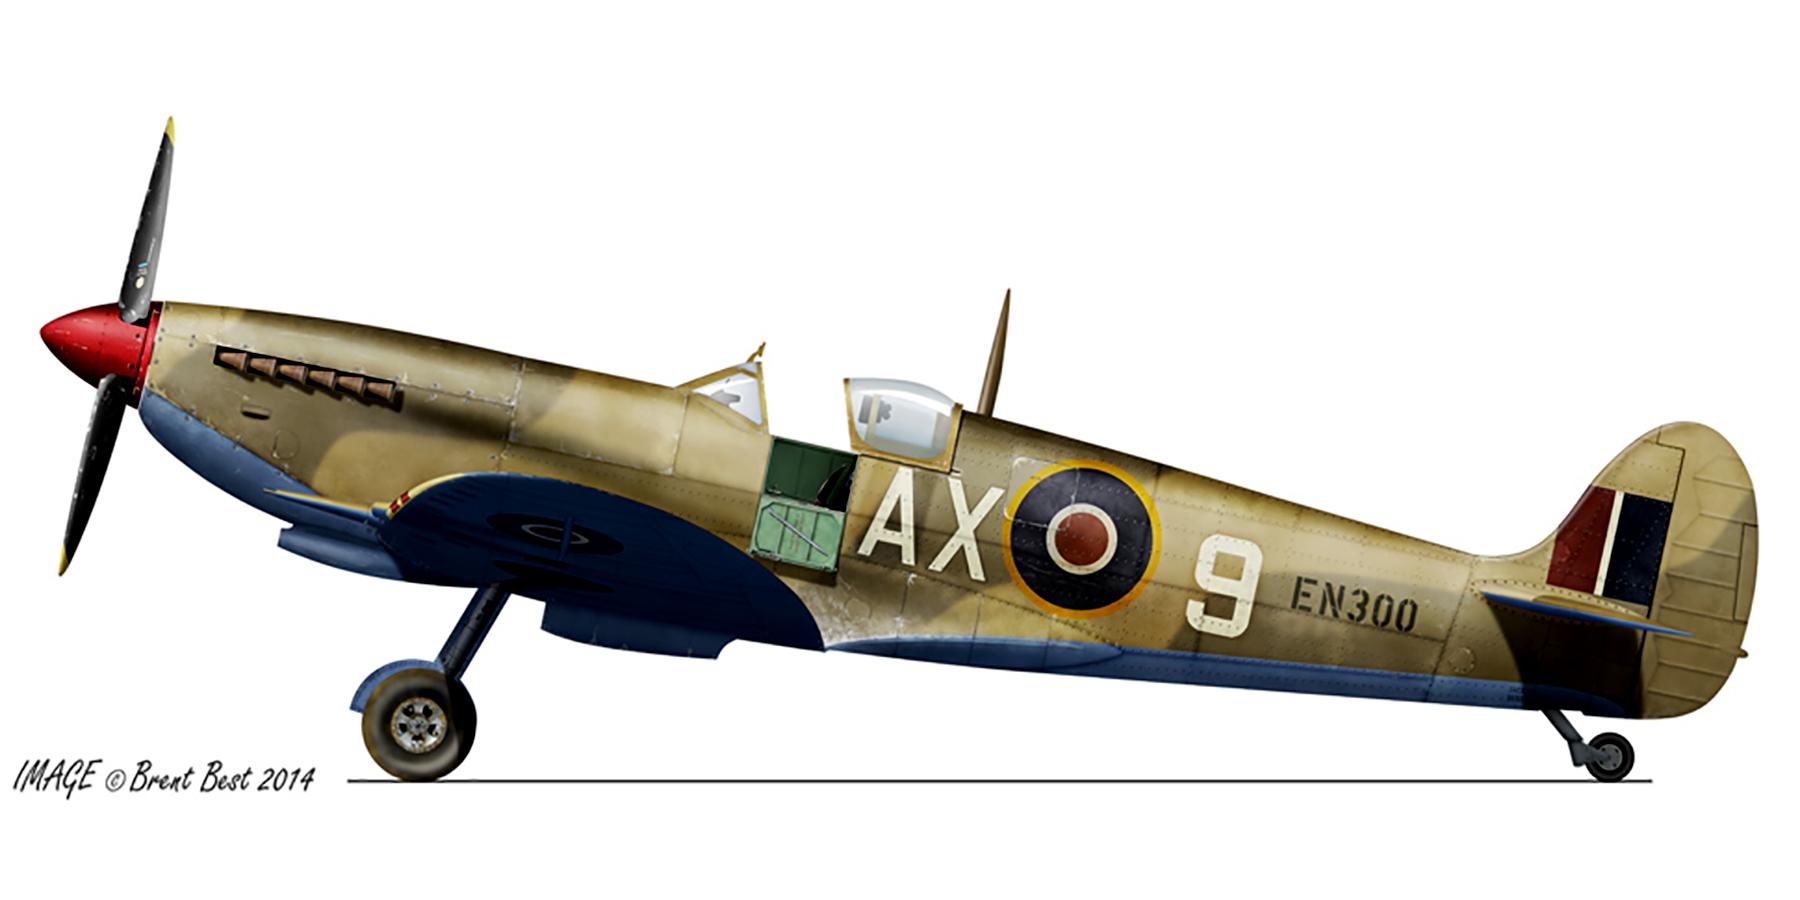 Spitfire MkIX SAAF 1Sqn AX9 EN300 Luqa Malta Jun 1943 0A